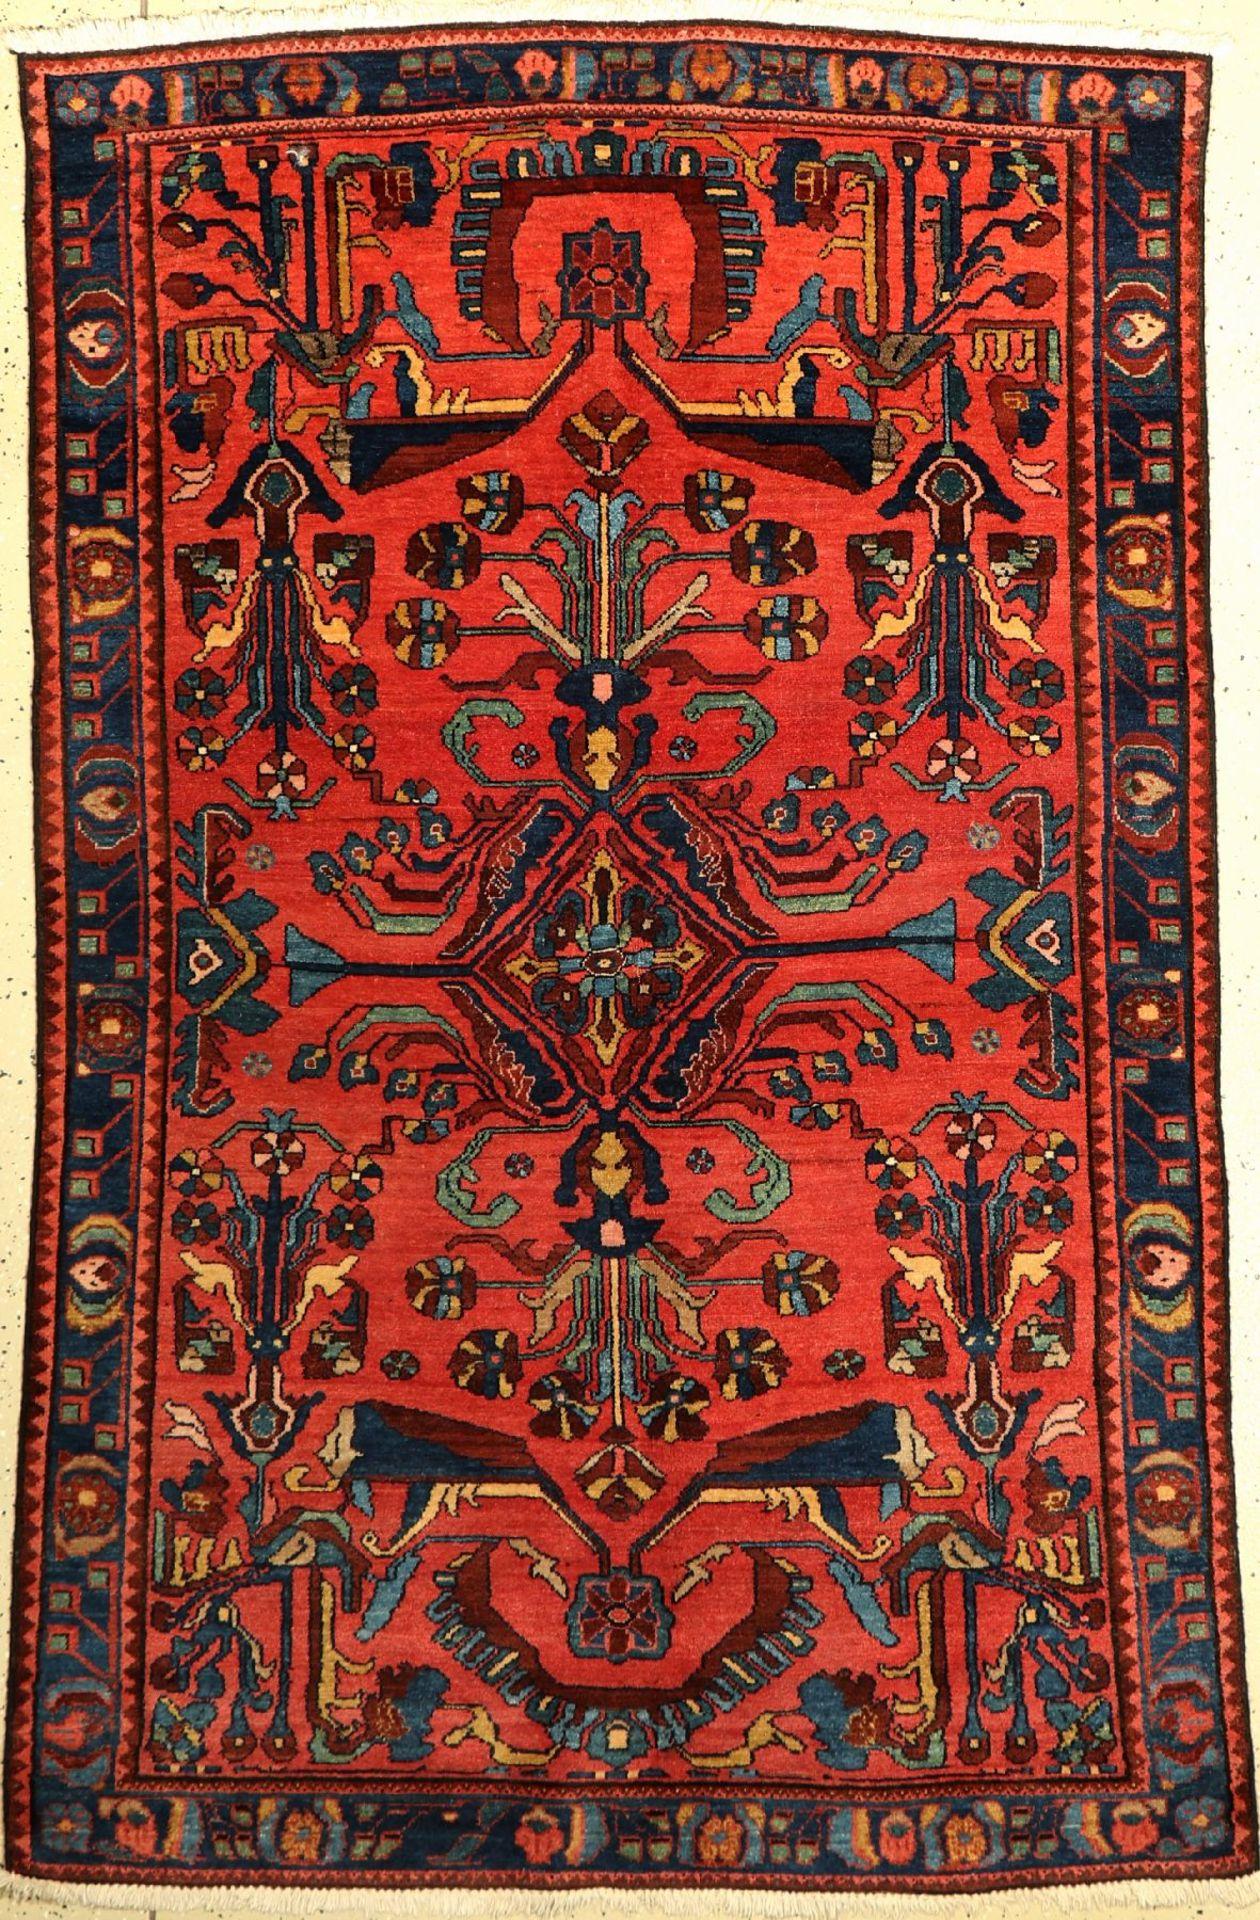 Lilian, Persien, um 1920, Wolle auf Baumwolle, ca. 198 x 130 cm, EHZ: 2Lilian rug, Persia, around